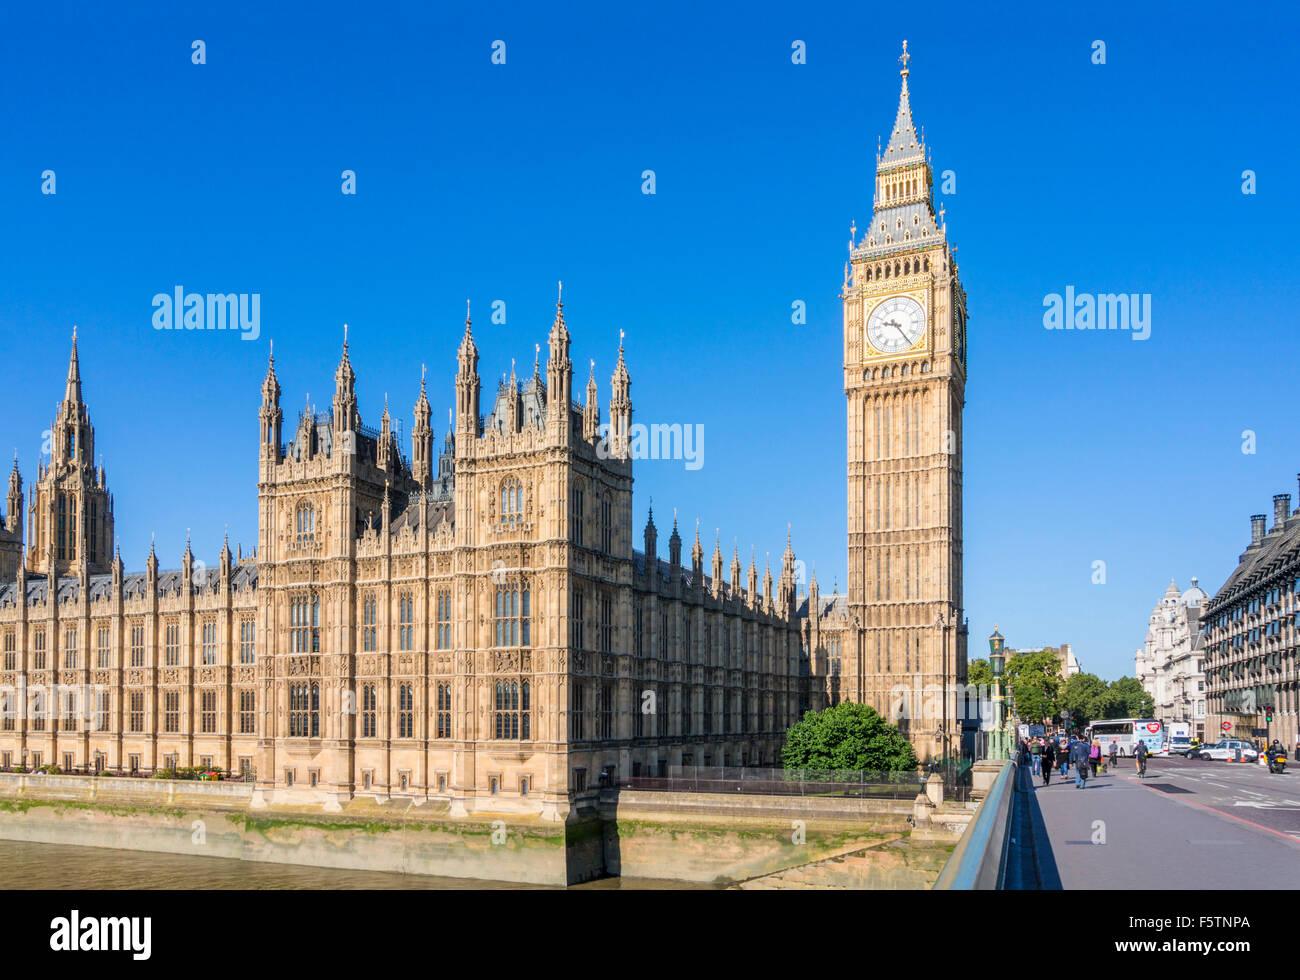 Big Ben Houses of Parliament et Westminster Bridge sur la Tamise City de Londres Angleterre GO UK Europe Photo Stock